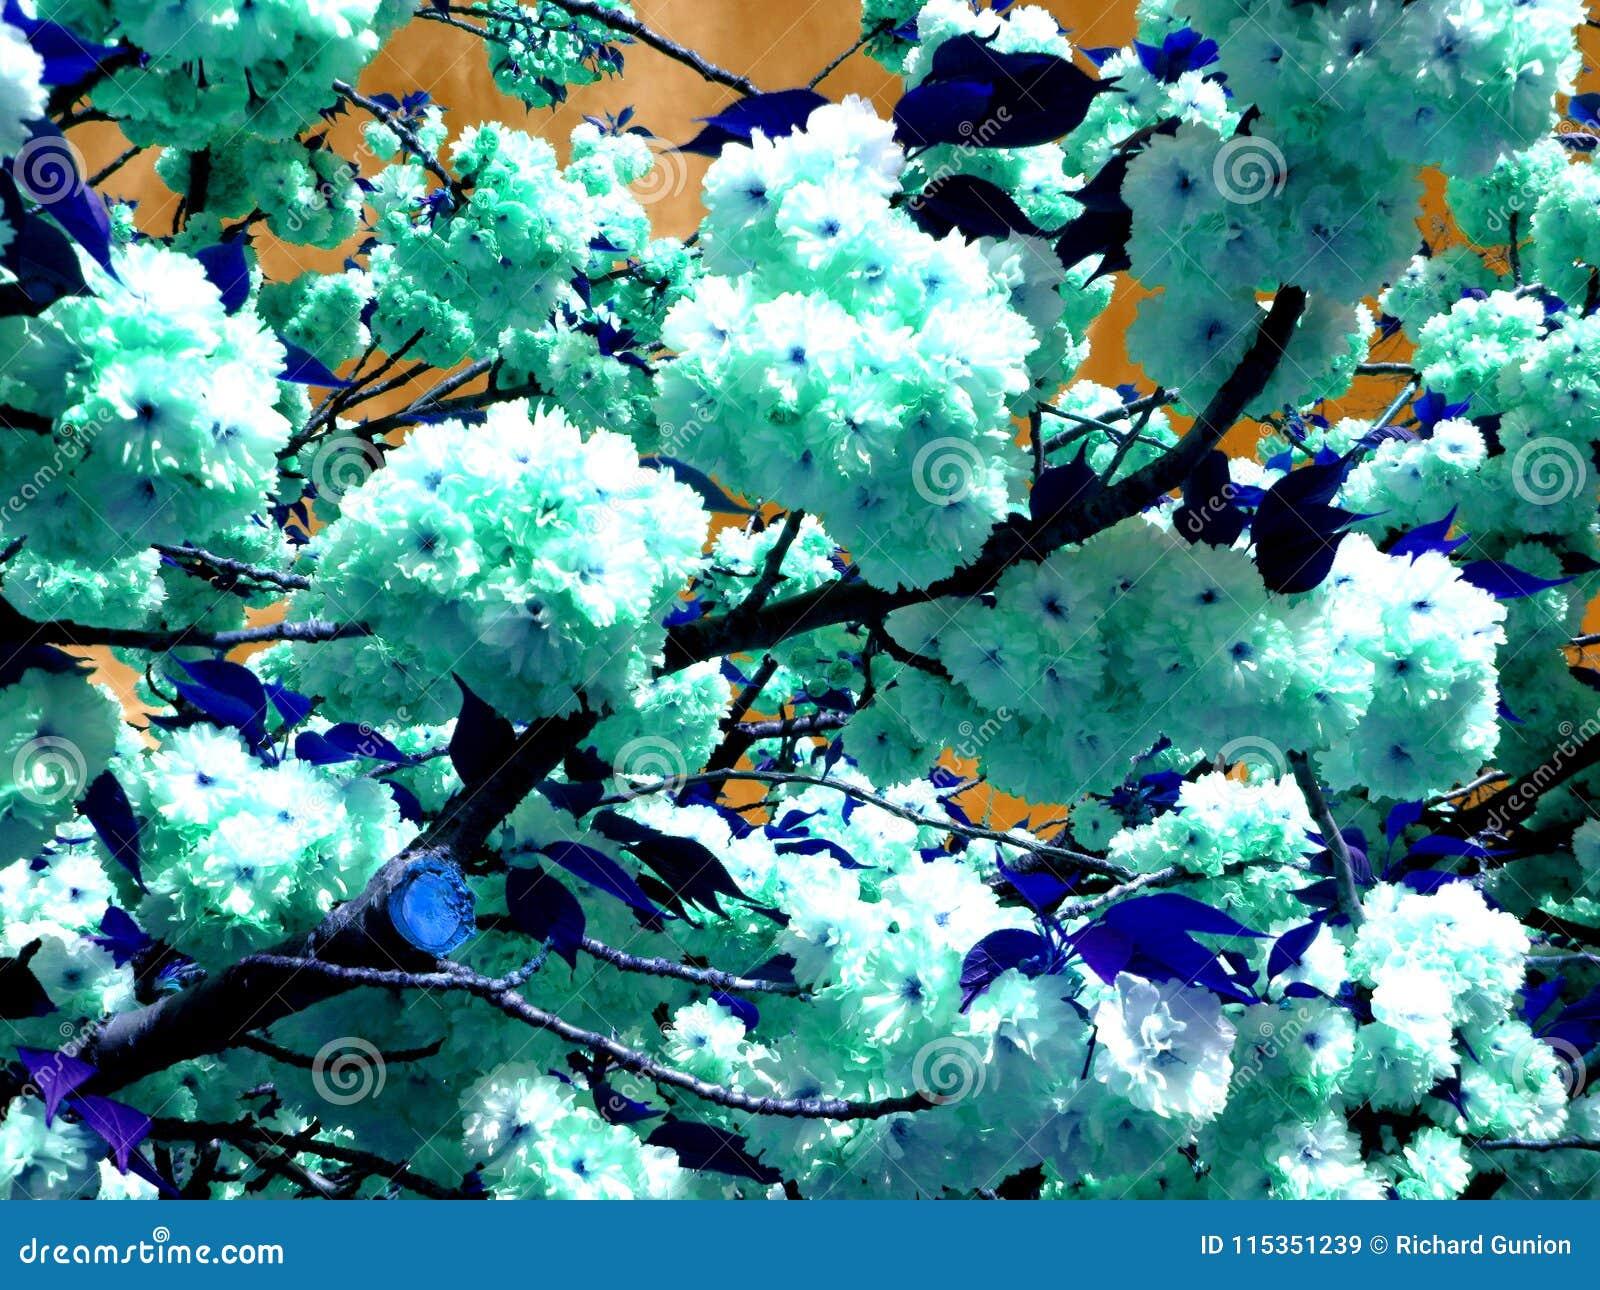 Kwanzan abstrait Cherry Blossoms